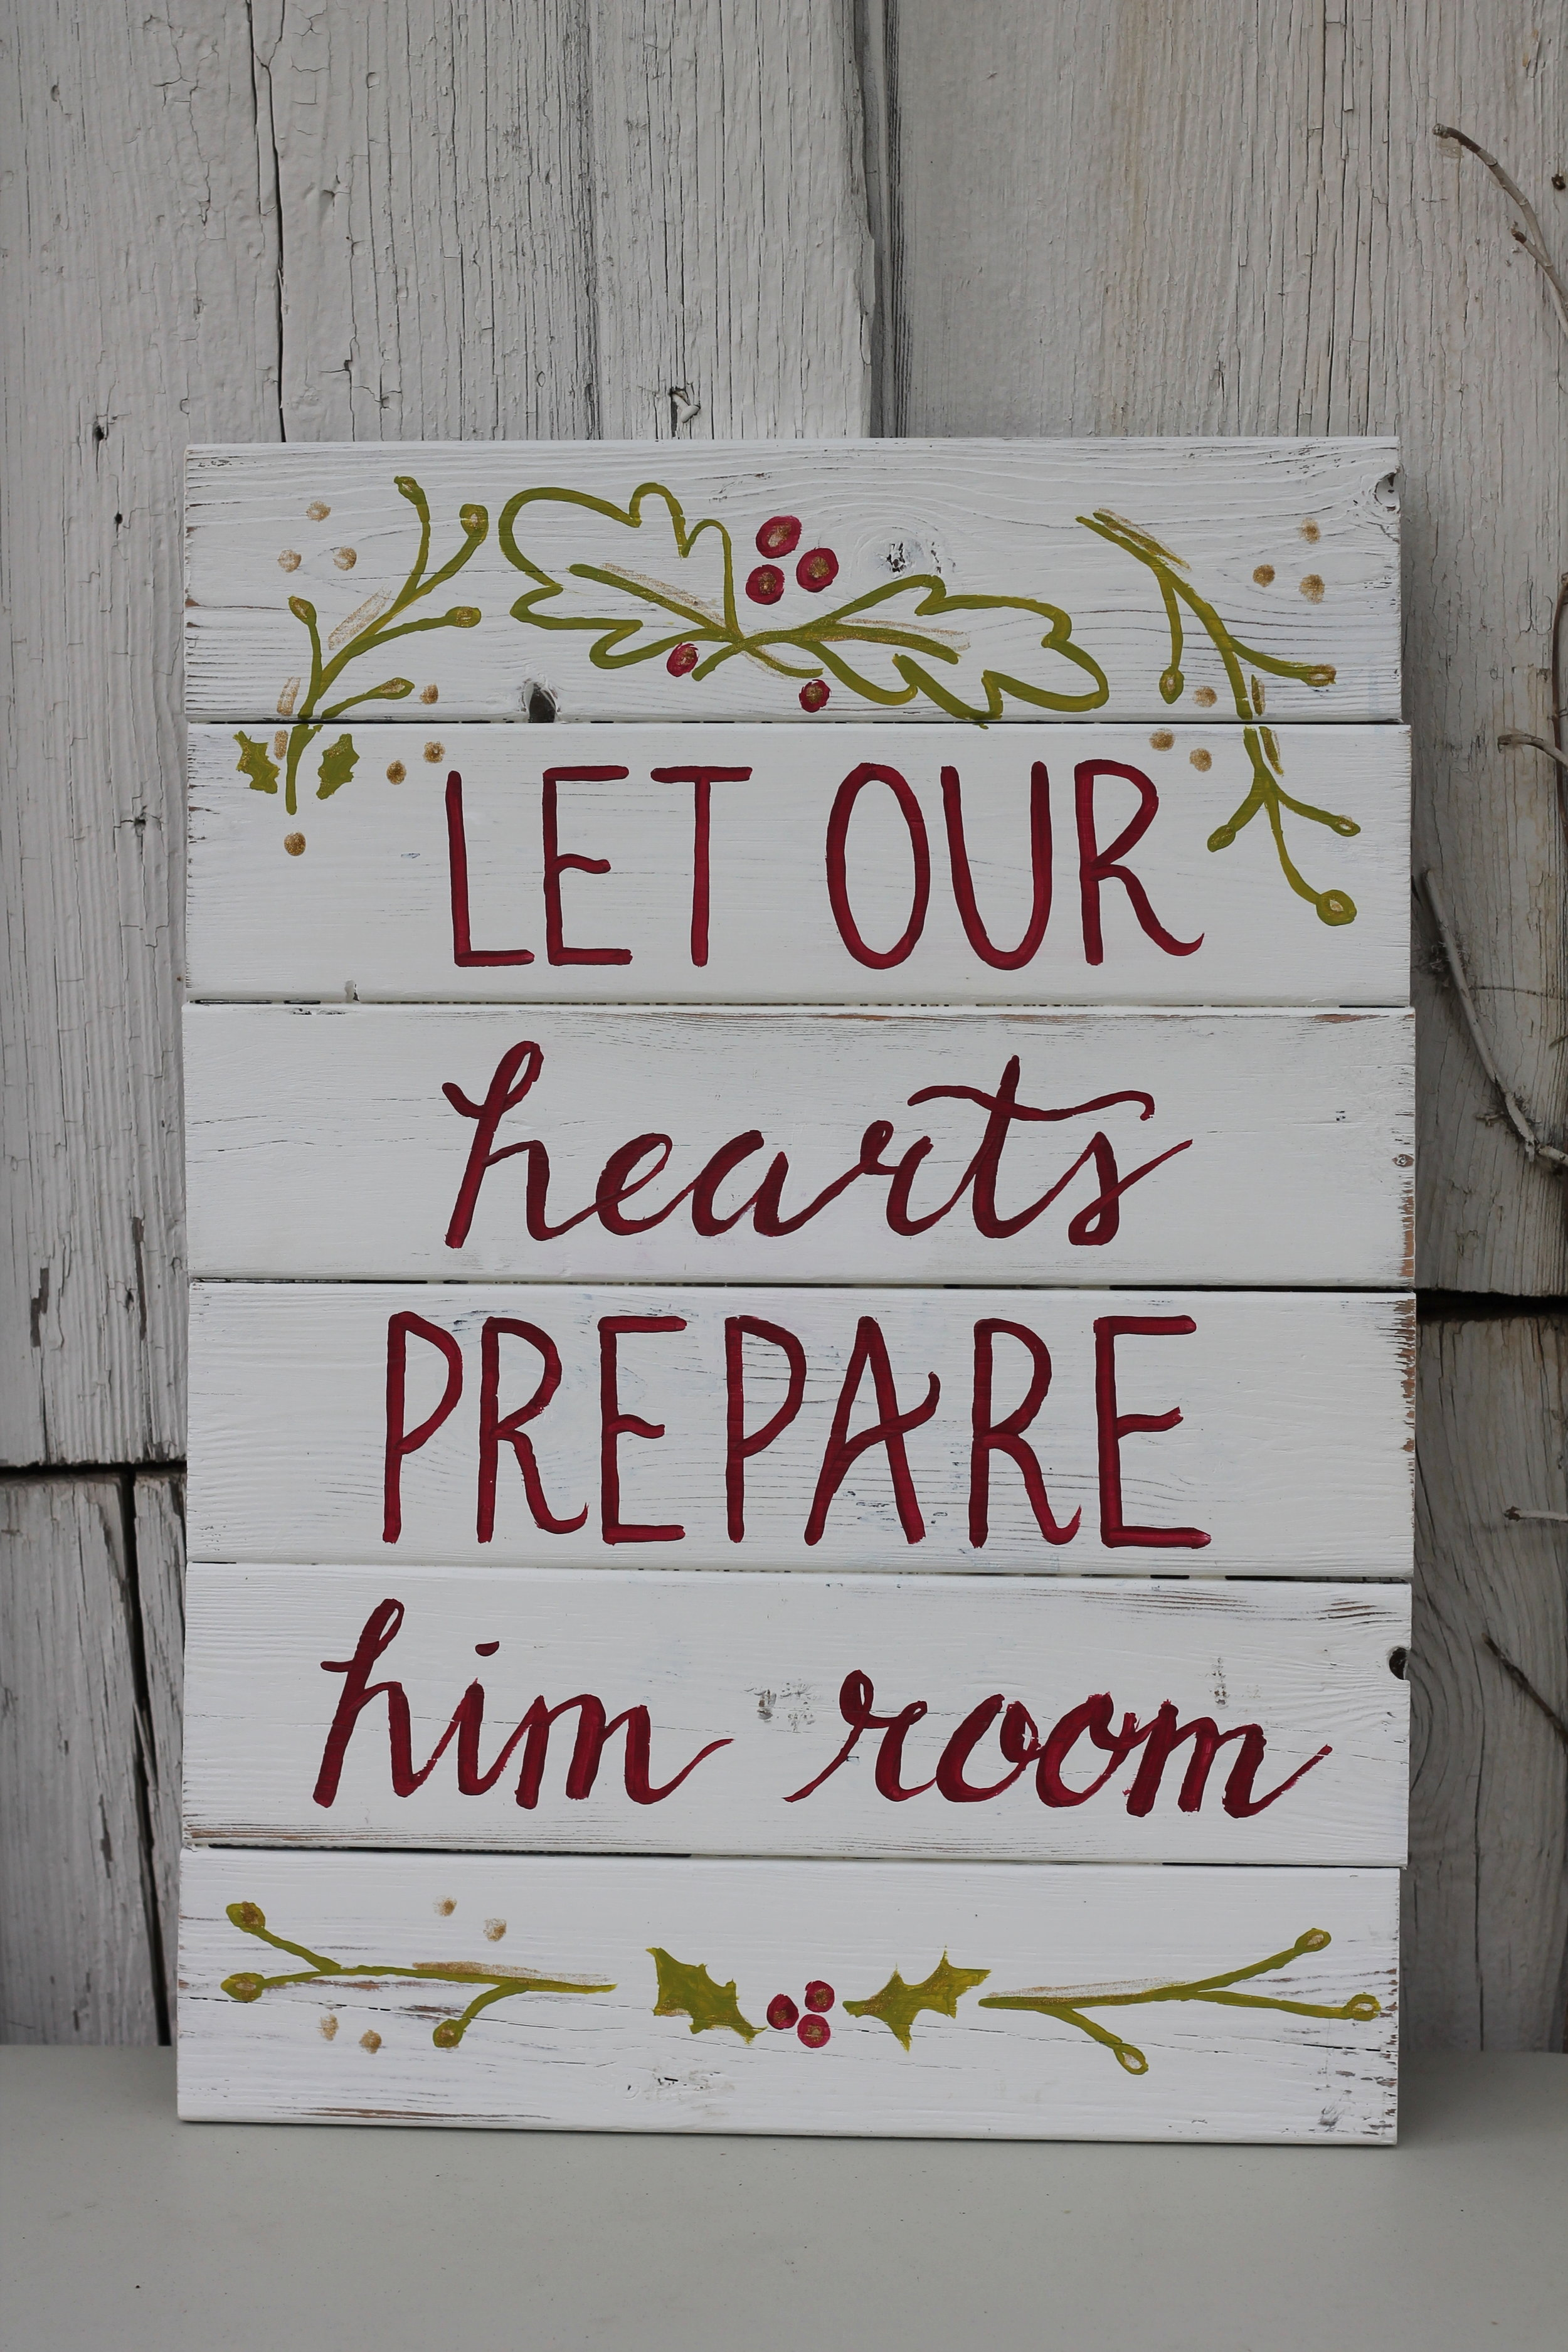 prepare him room 3.JPG